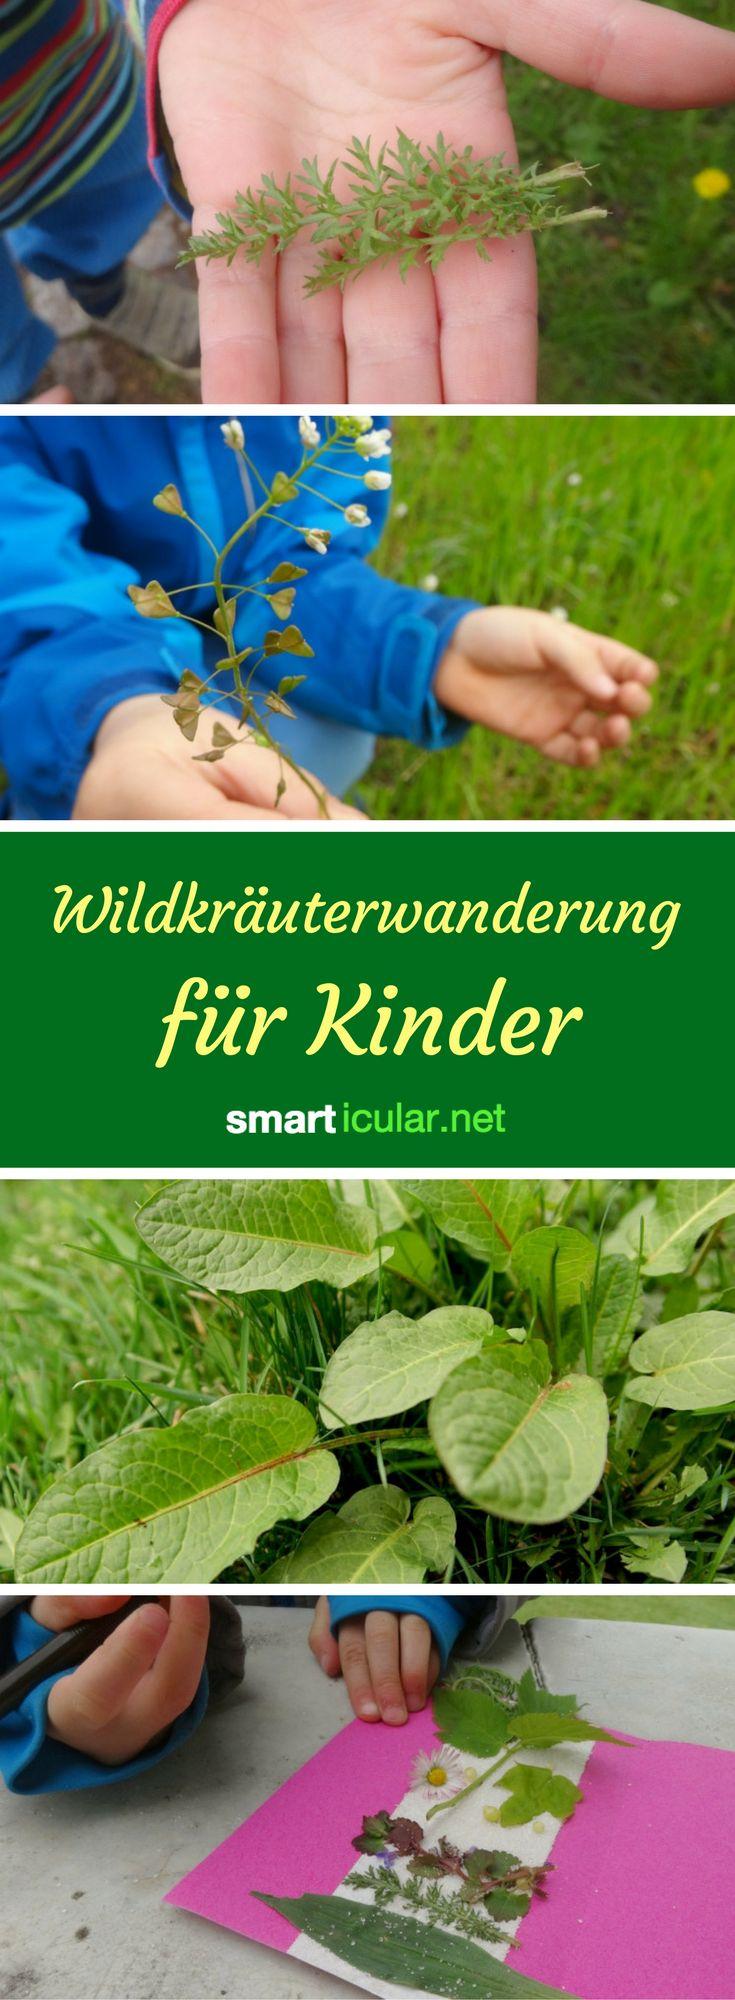 Wildkräuterwanderung für Kinder: Geeignete Kräuter und Rezepte